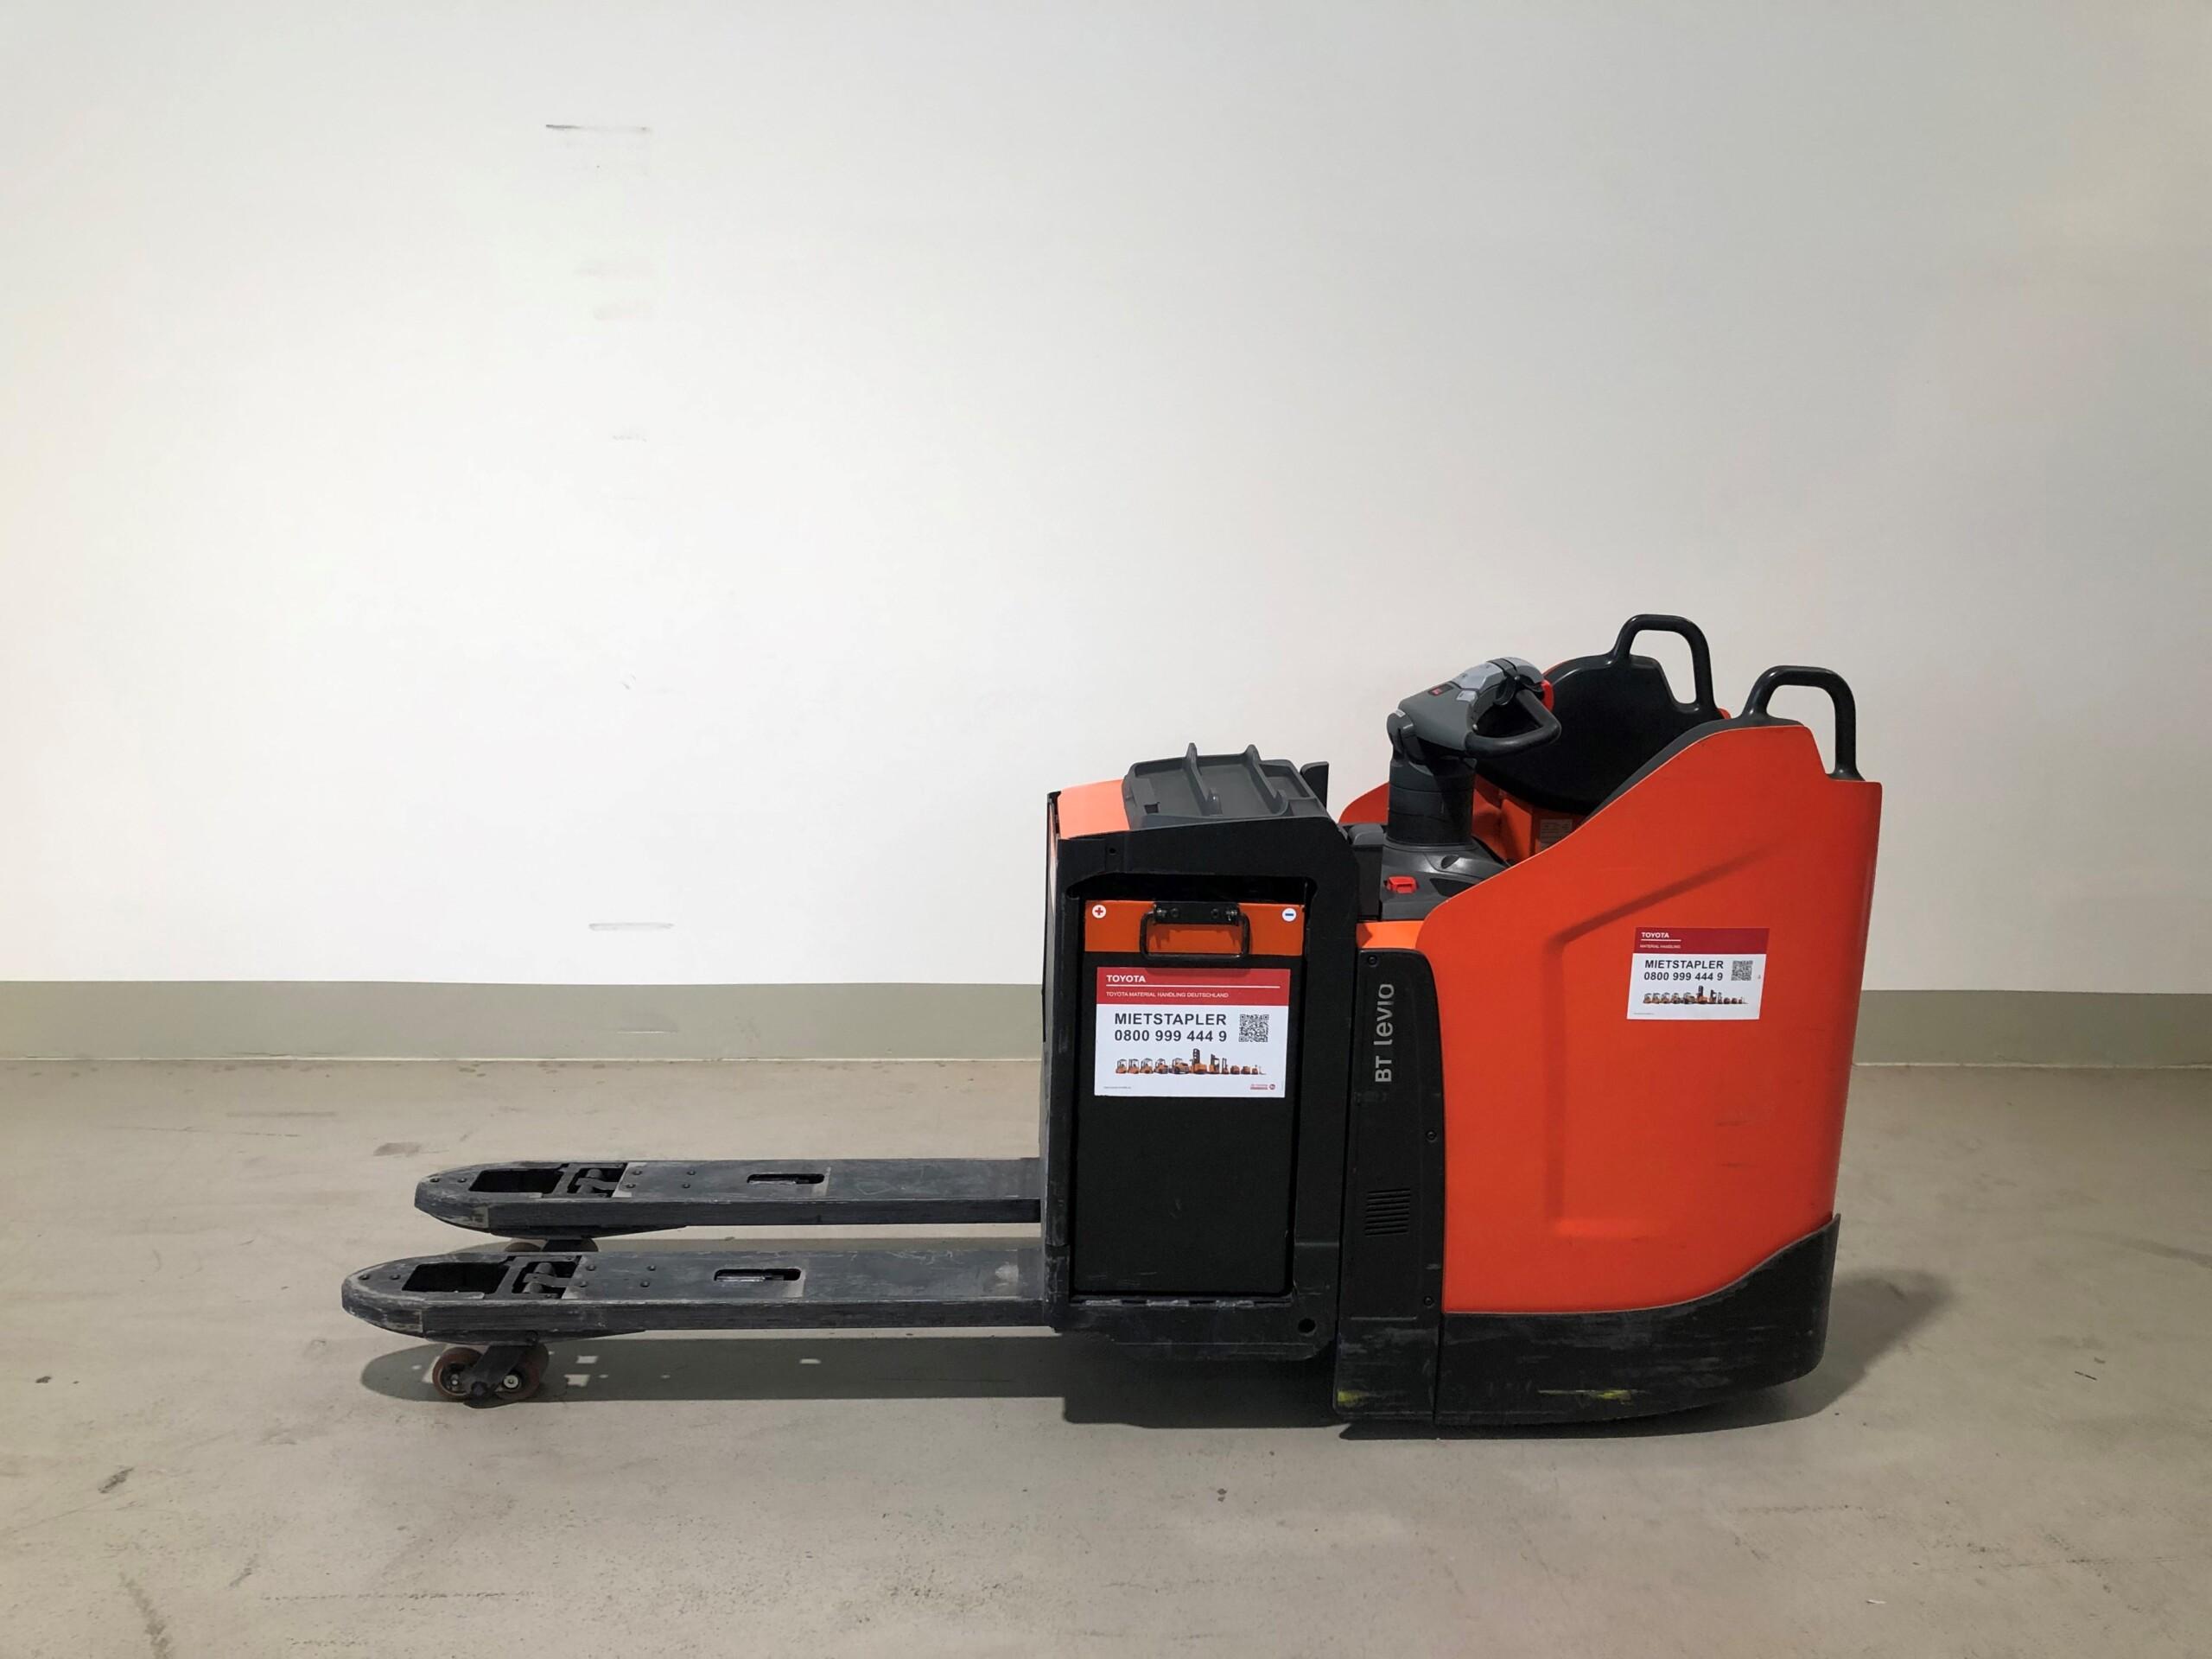 Toyota-Gabelstapler-59840 1505015443 1 77 scaled